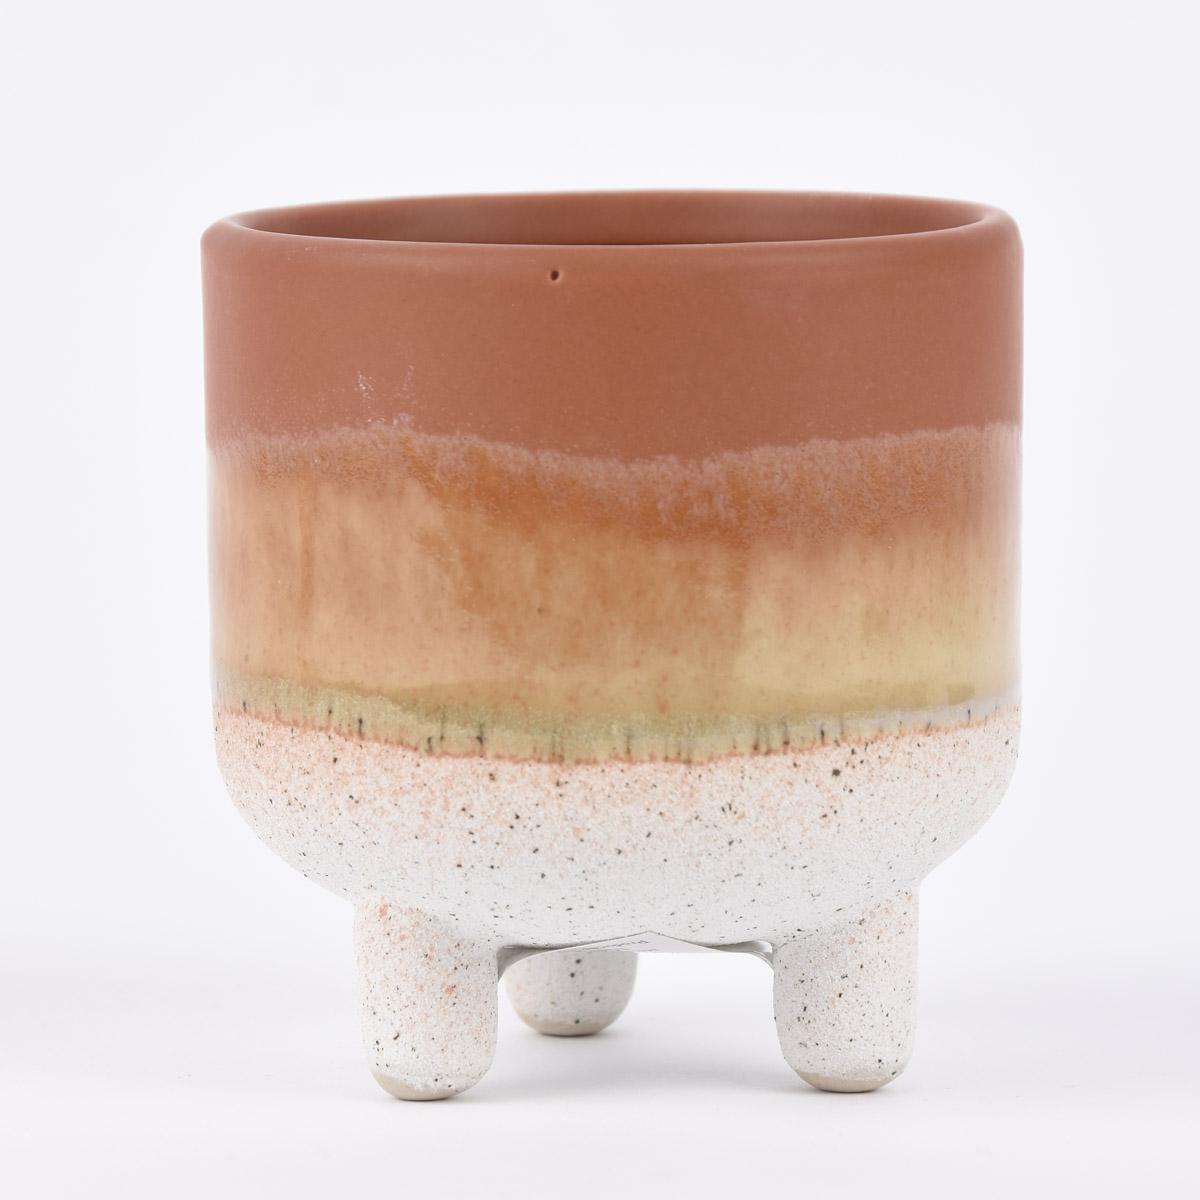 Sass & Belle kleiner Pflanztopf auf Füßen Mojave glasiert Steinzeug braun weiß 8x8,5cm